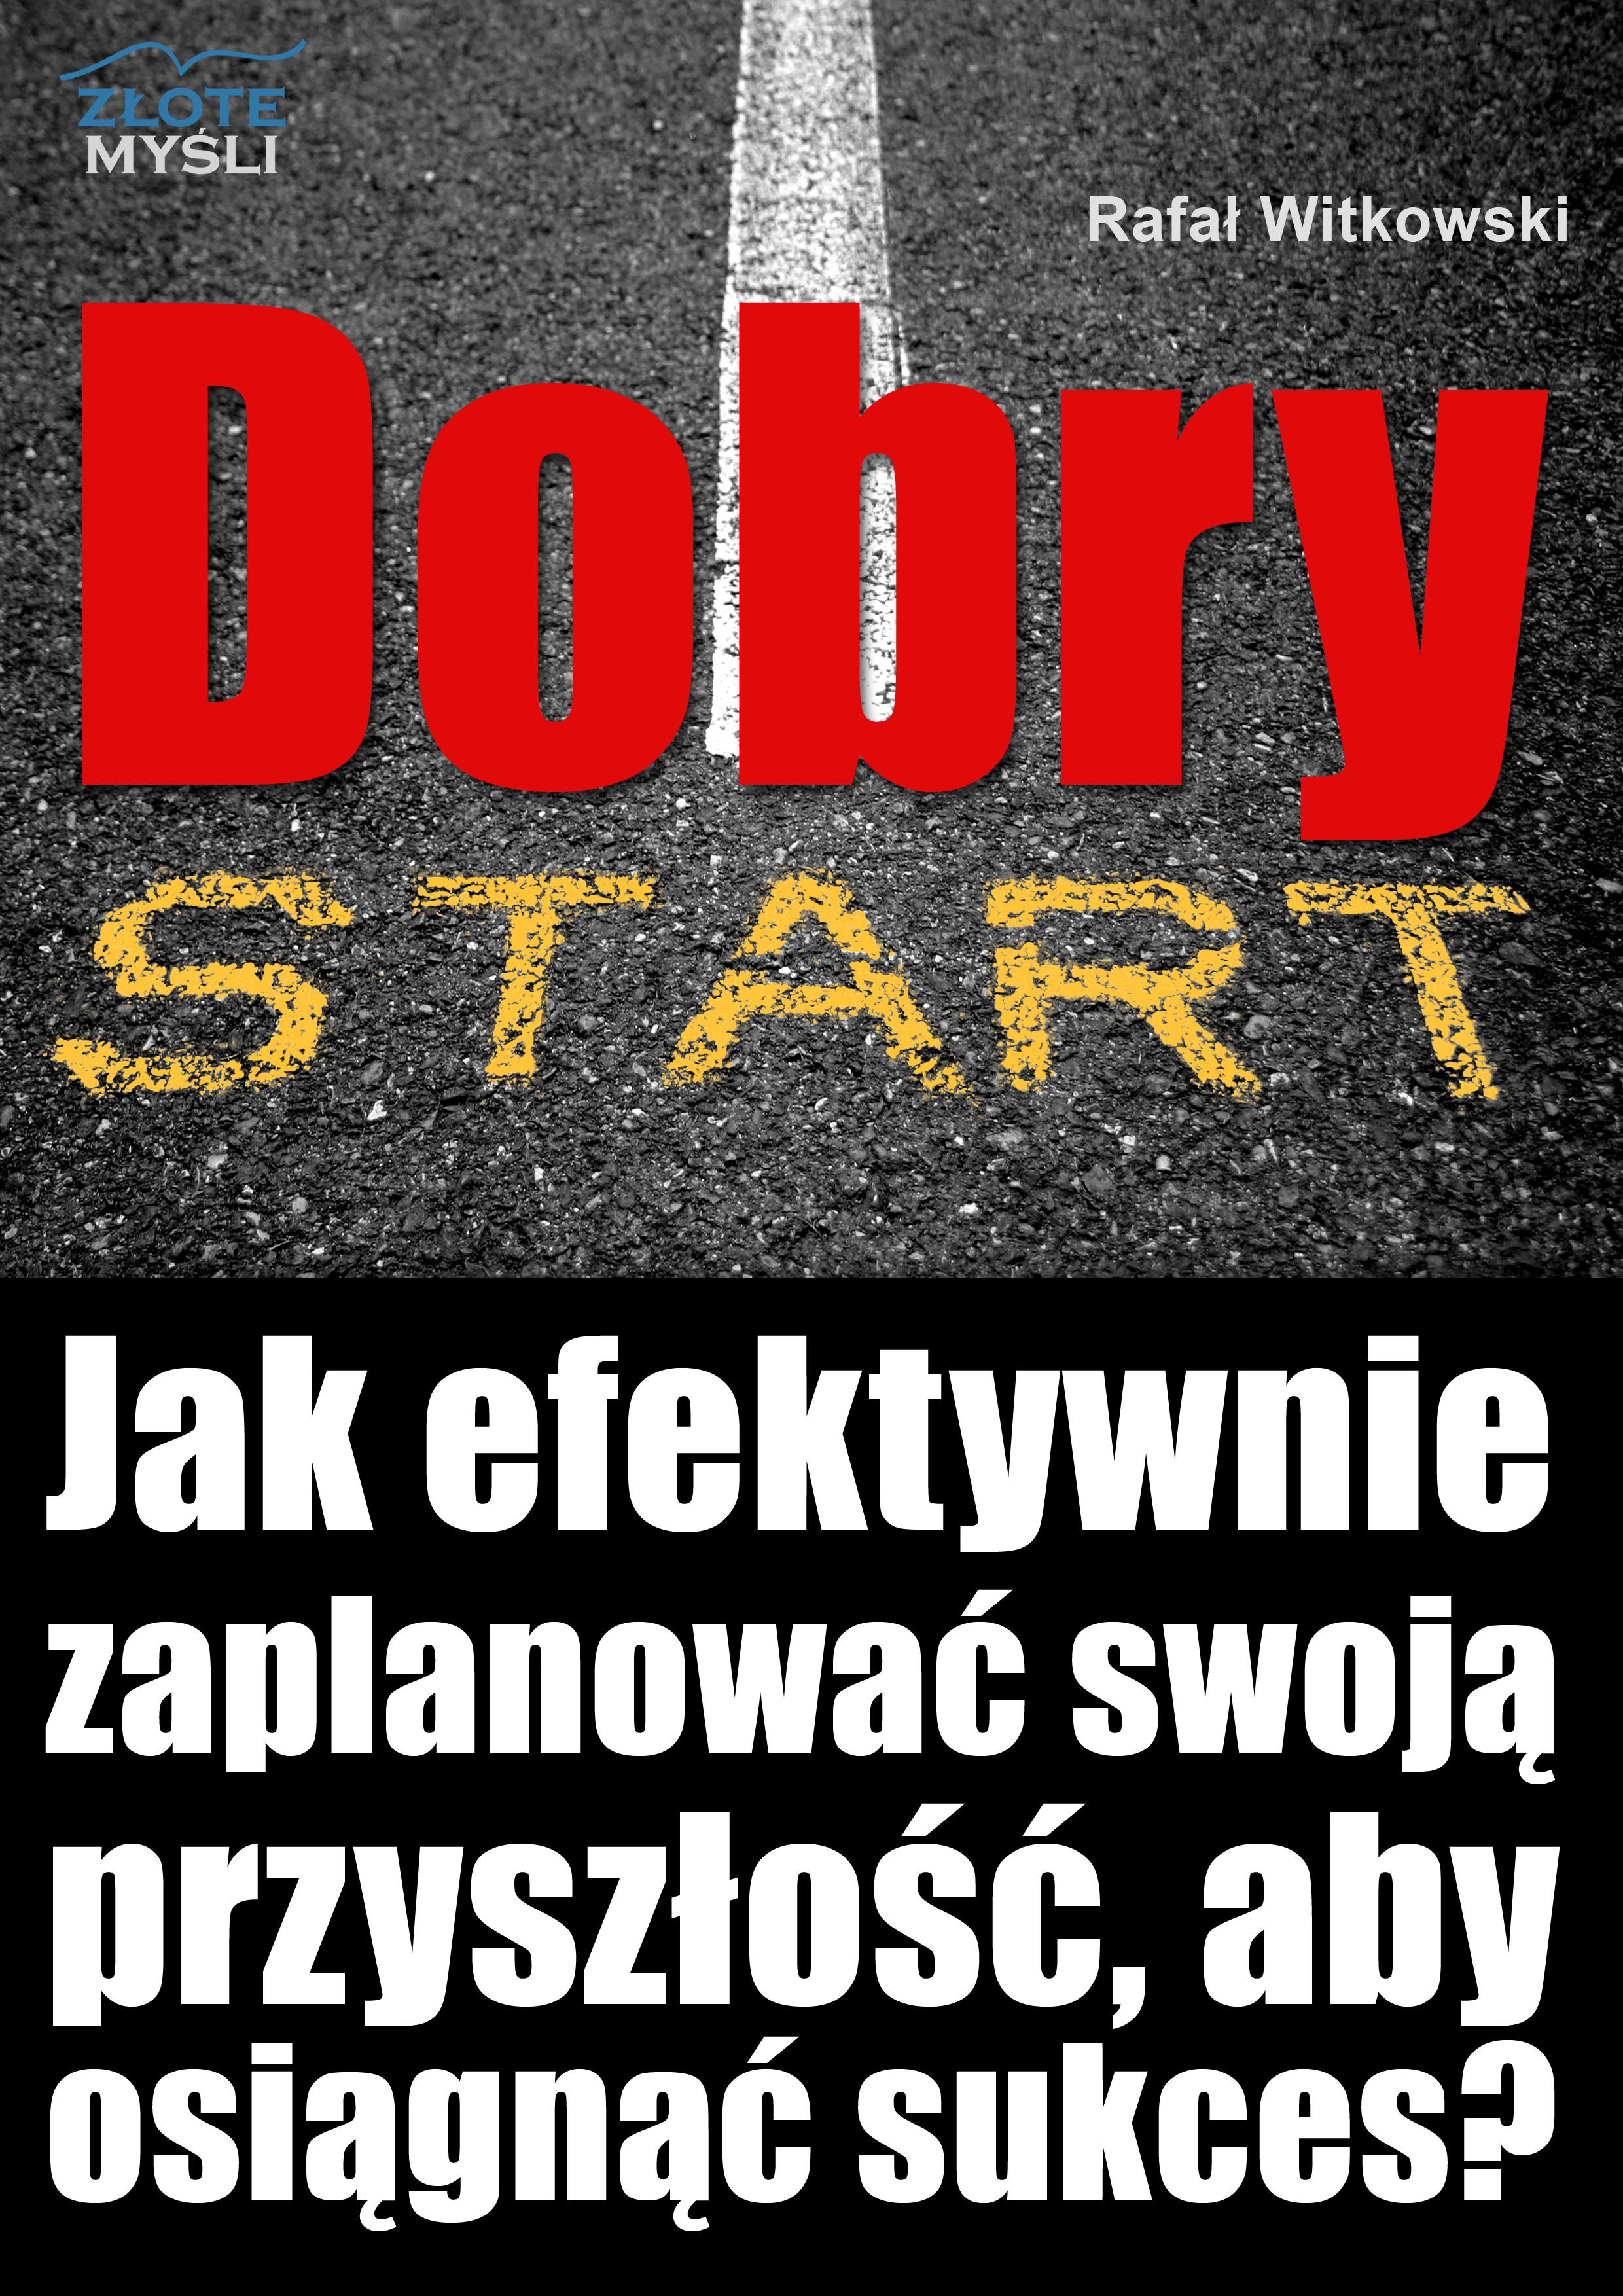 Rafał Witkowski: Dobry start - okładka